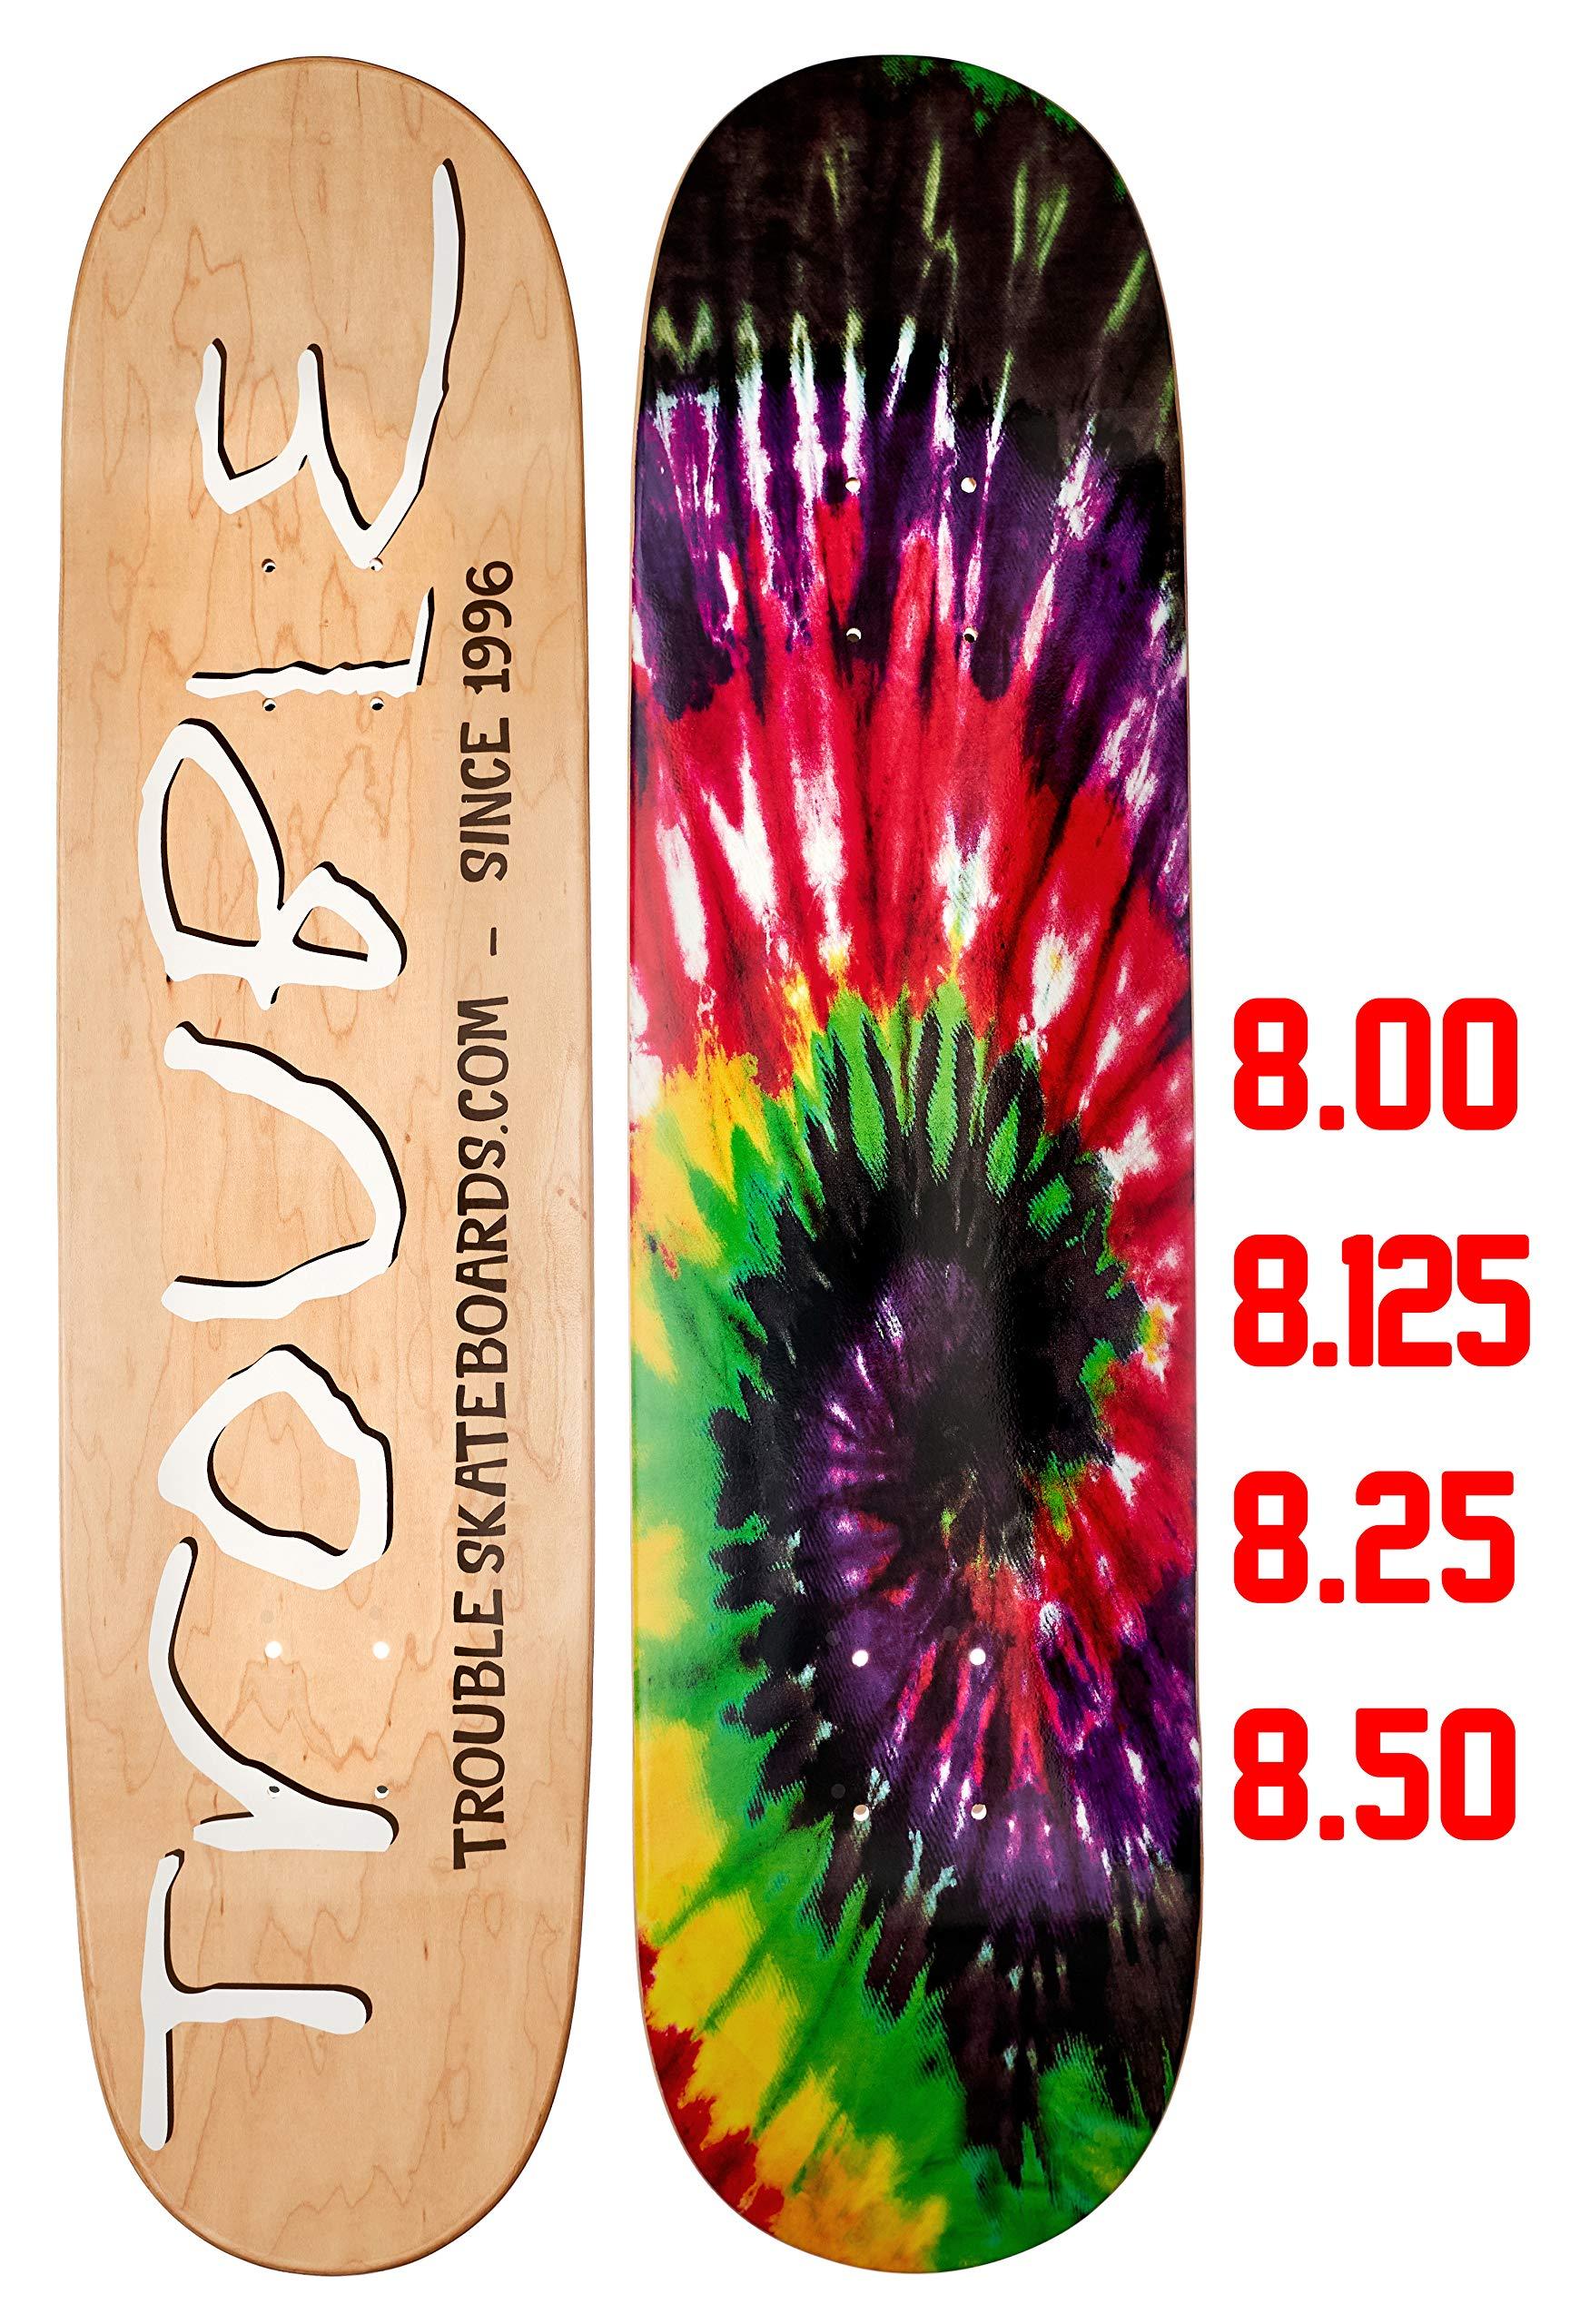 D20 TROUBLE SKATEBOARDS Tie Dye Skateboard Deck 8.0 8.1 8.25 8.50 North American Maple Professional Decks